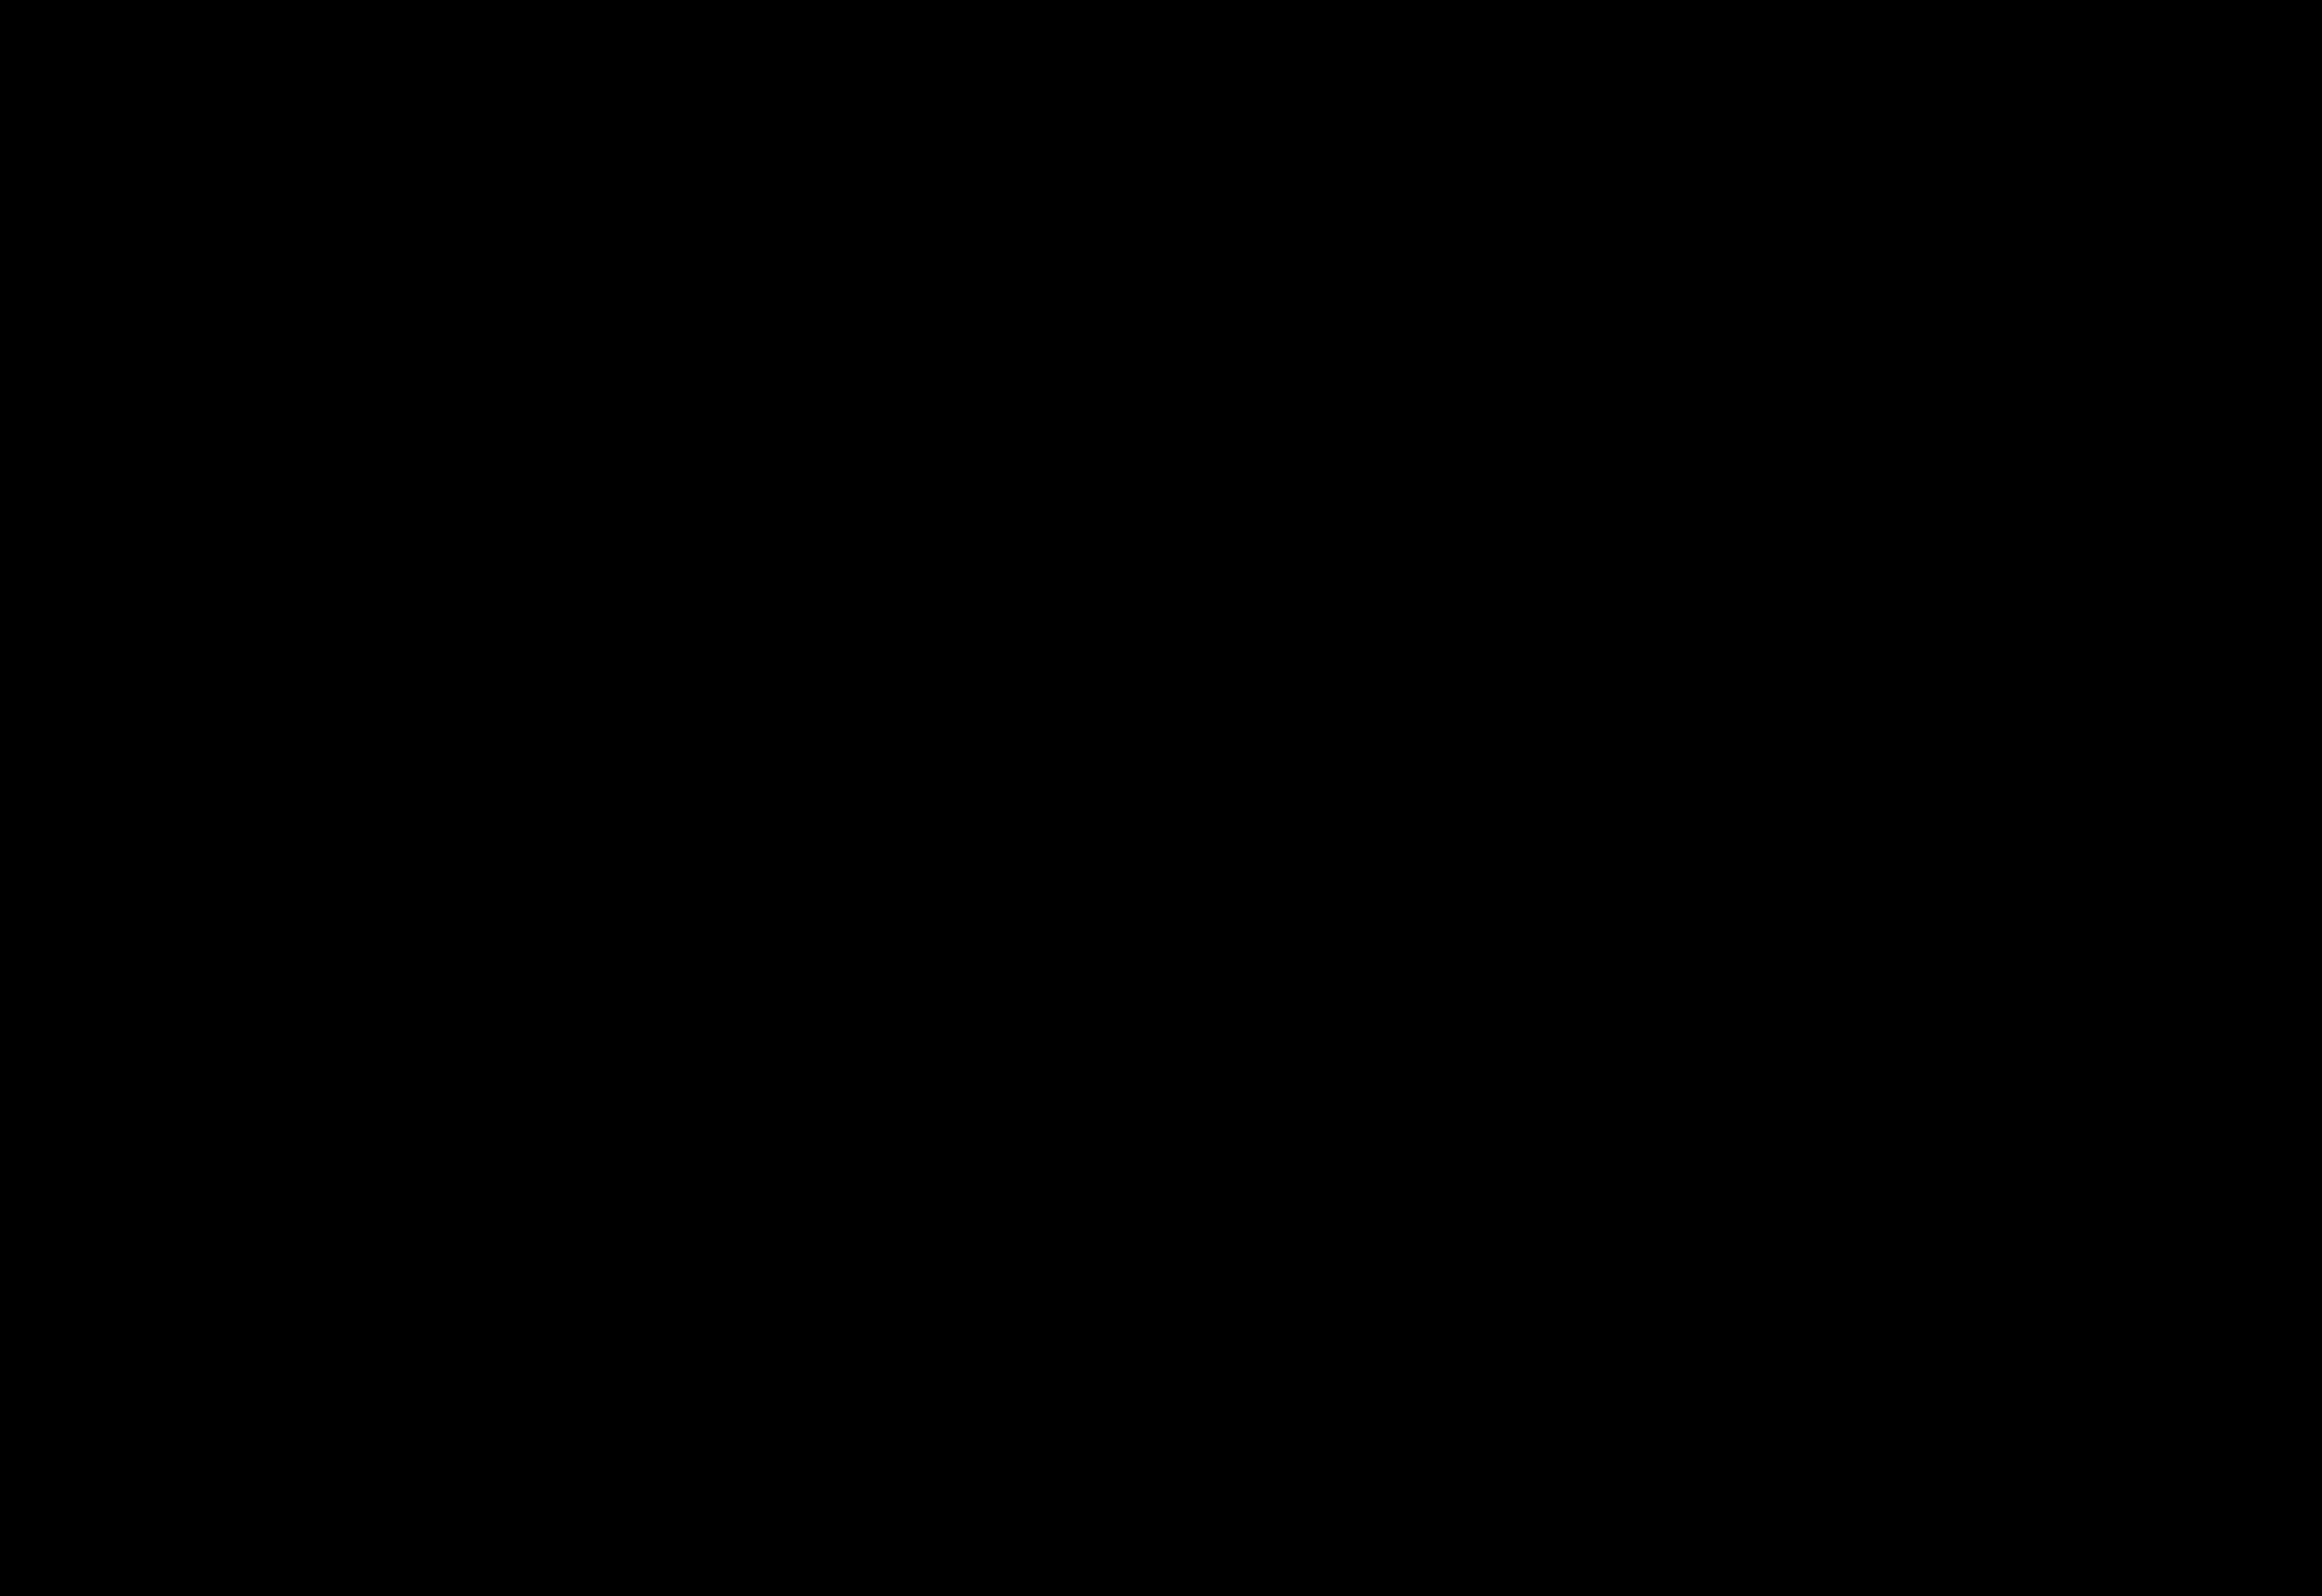 Epic Abstraction: Pollock to Herrera - The Metropolitan Museum of Art